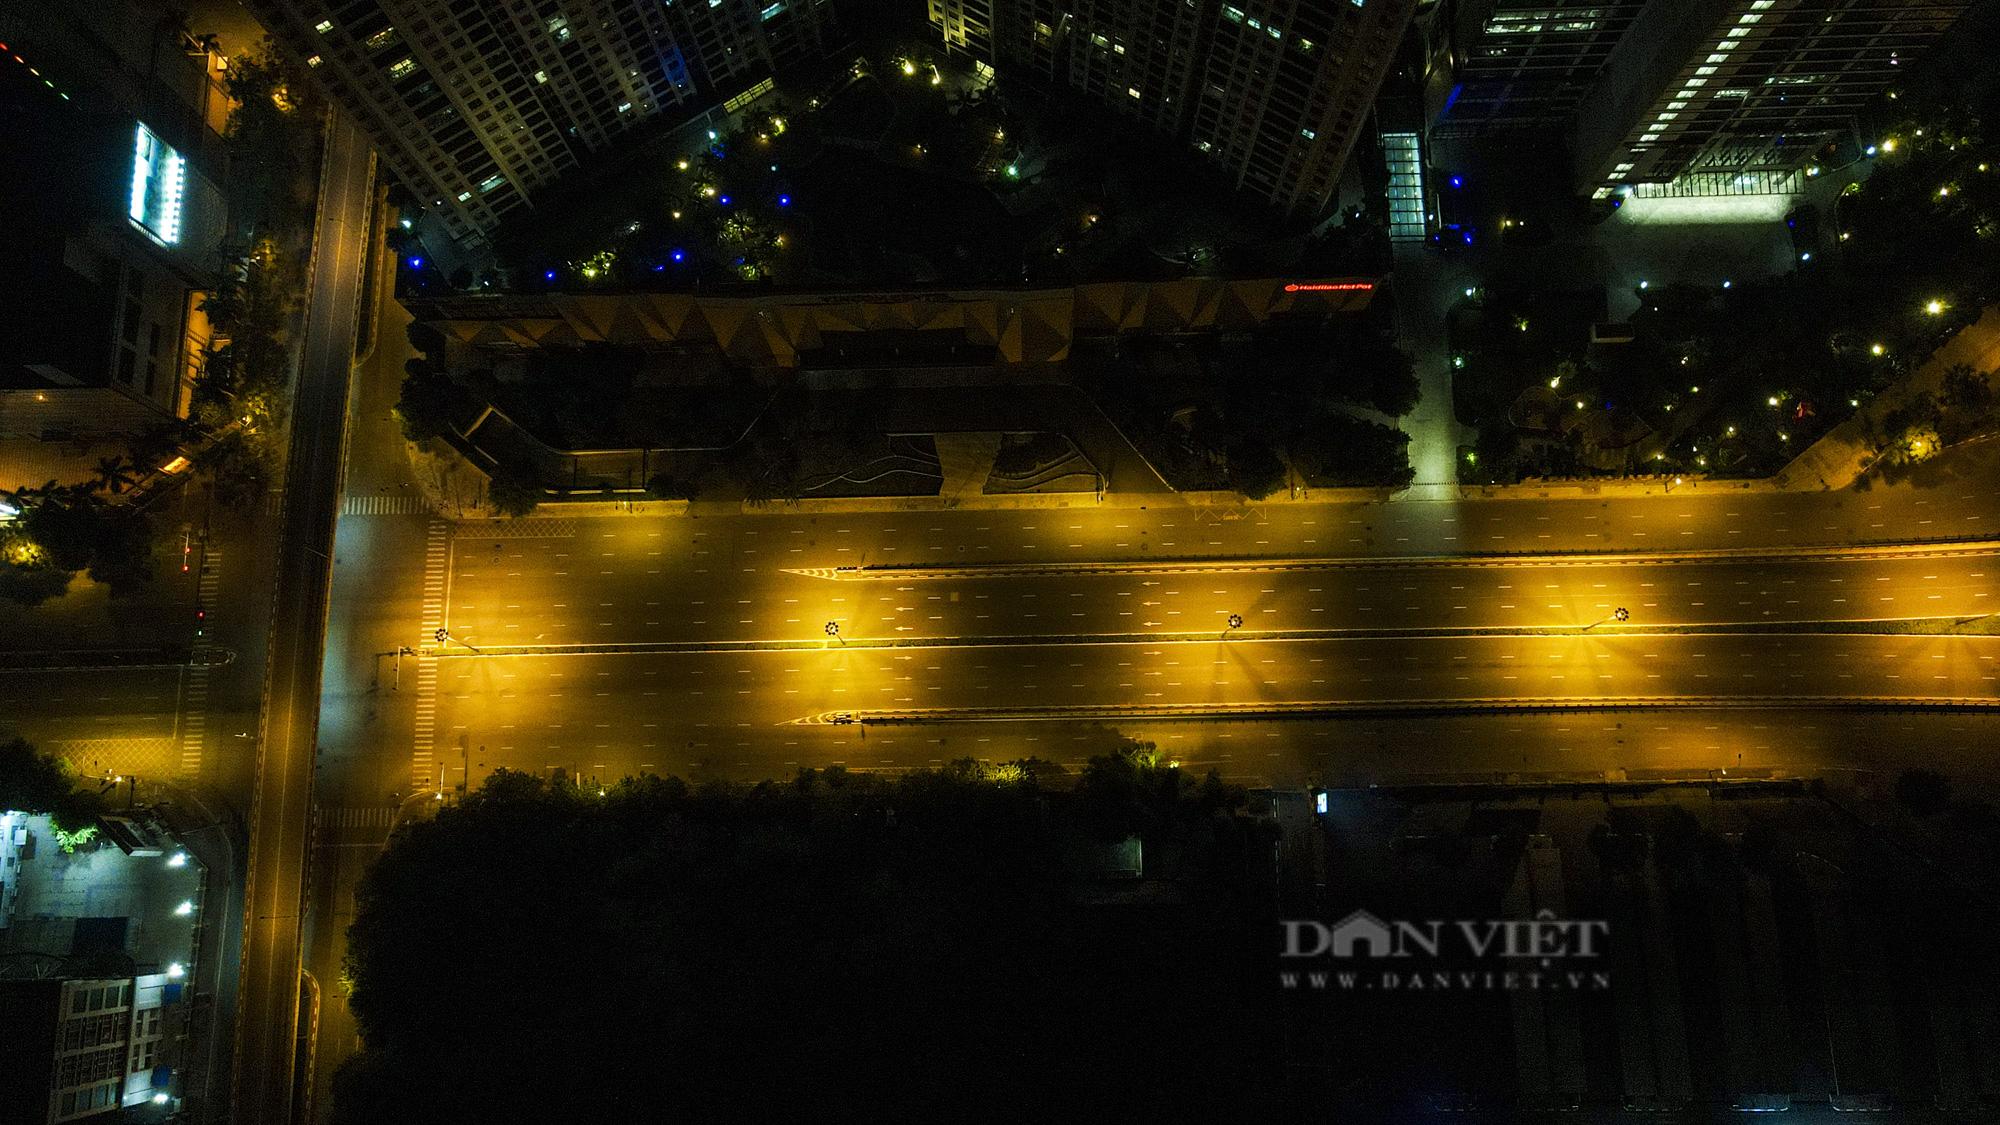 Giãn cách xã hội: Hà Nội vắng lặng, yên bình lúc về đêm - Ảnh 11.